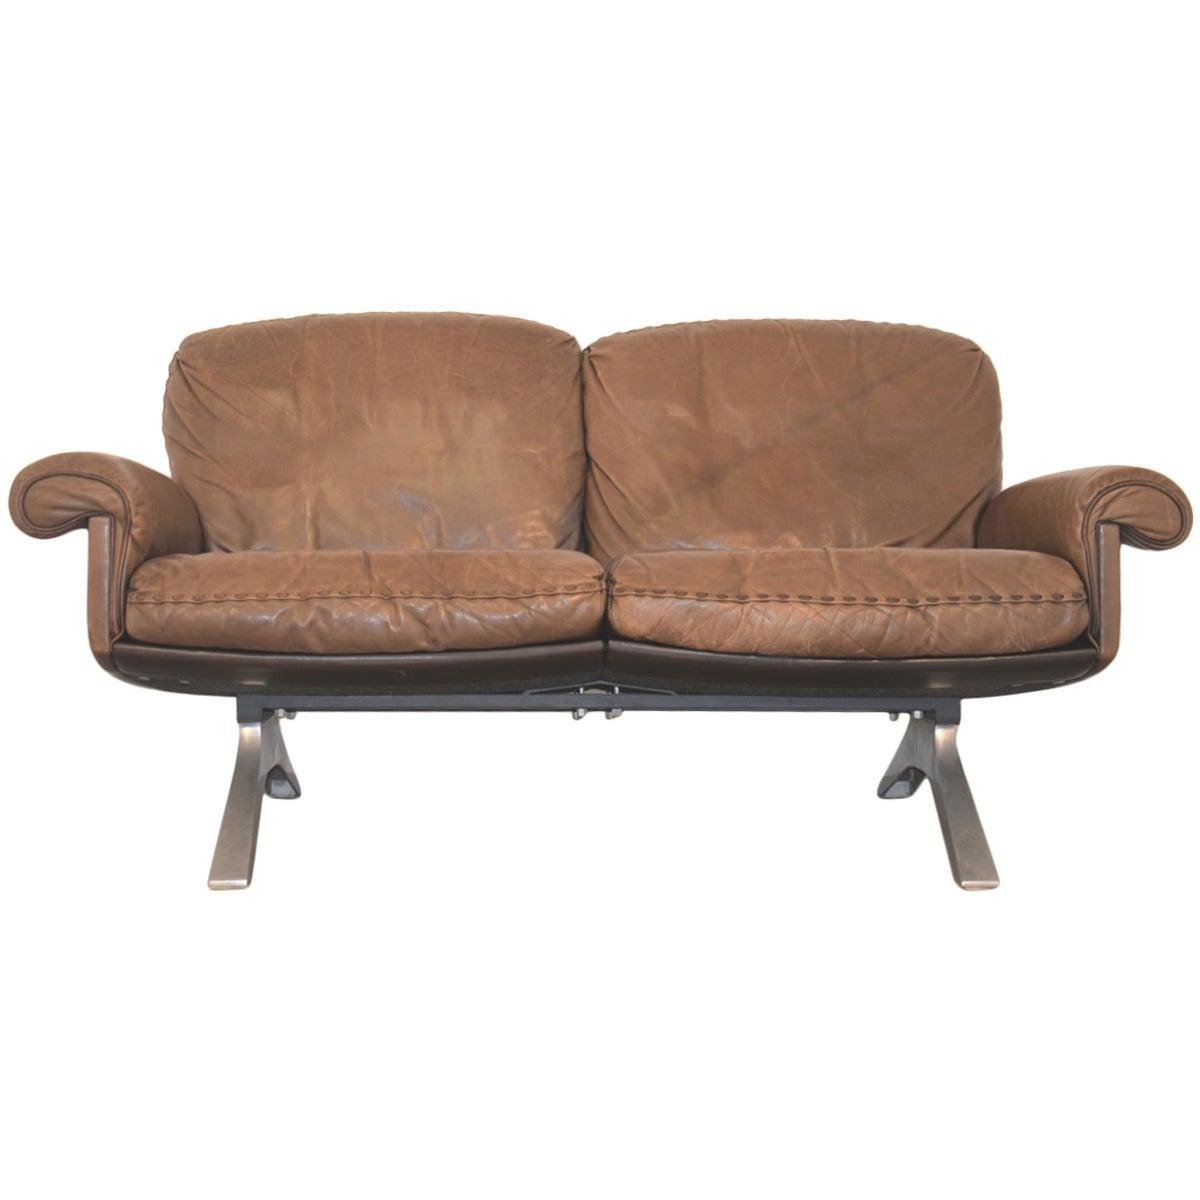 vintage 1970s de sede ds 31 two seat sofa at 1stdibs. Black Bedroom Furniture Sets. Home Design Ideas